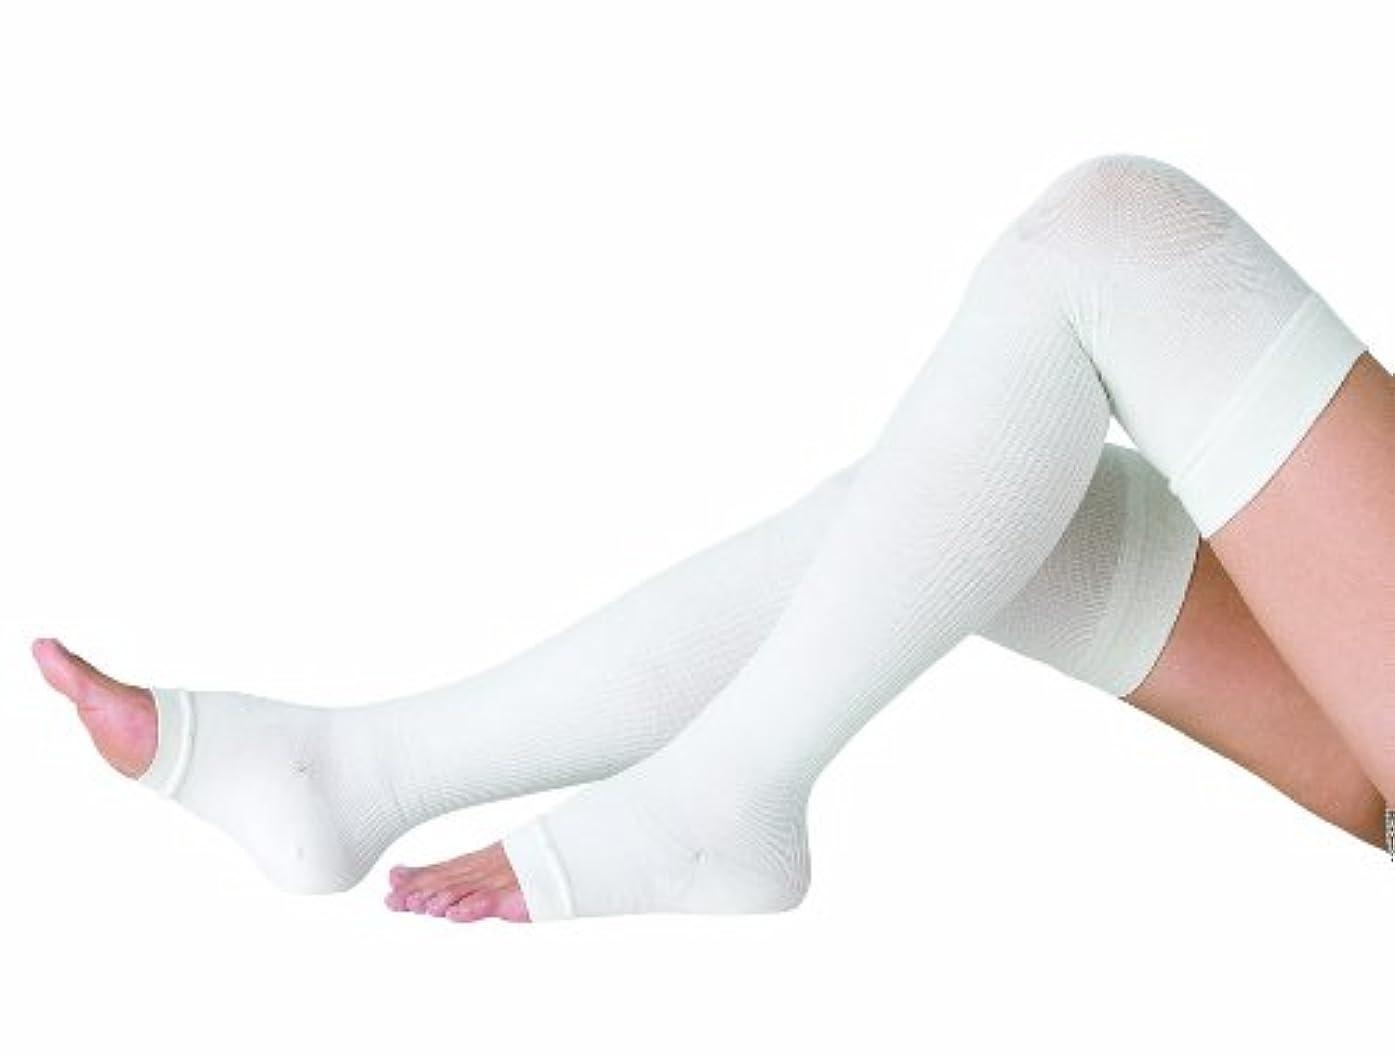 広告するメッセンジャー光電コクーンフィットシルク おやすみ着圧オーバーニーソックス オフホワイト